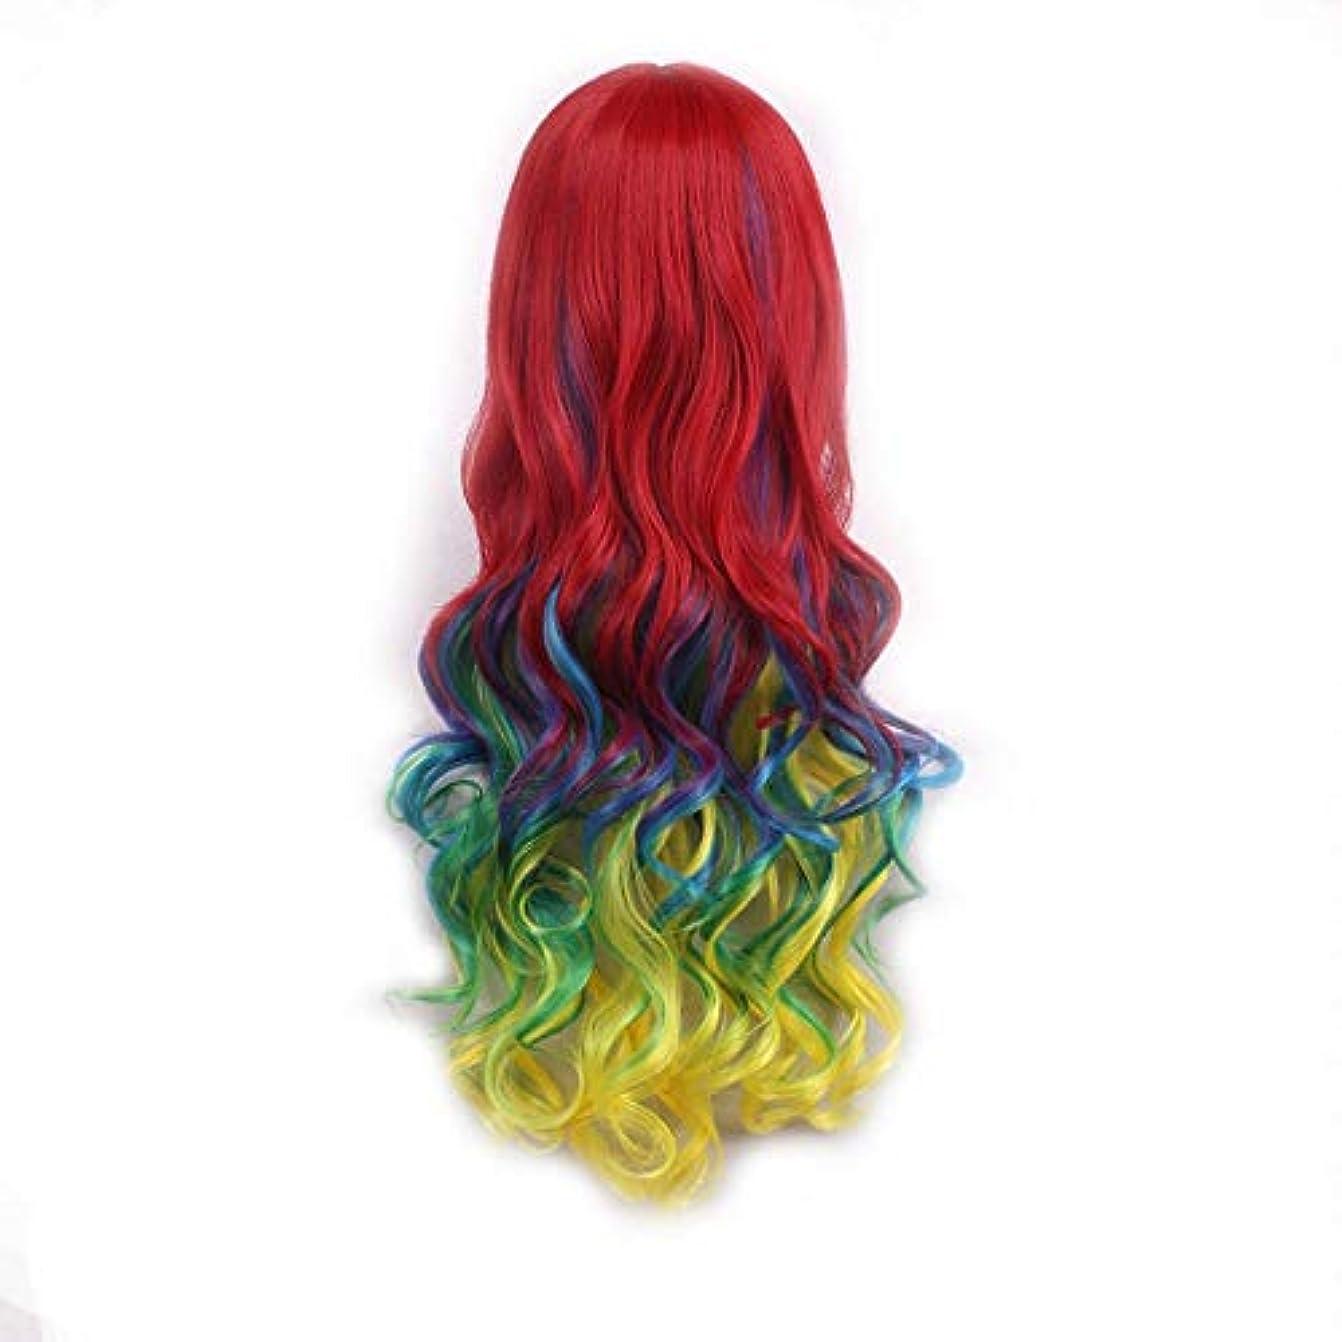 追放する秋地雷原ウィッグキャップウィッグロングファンシードレスストレート&カールウィッグレディース高品質な合成色の髪のコスプレ高密度ウィッグ女性と女の子 (Color : Curls)